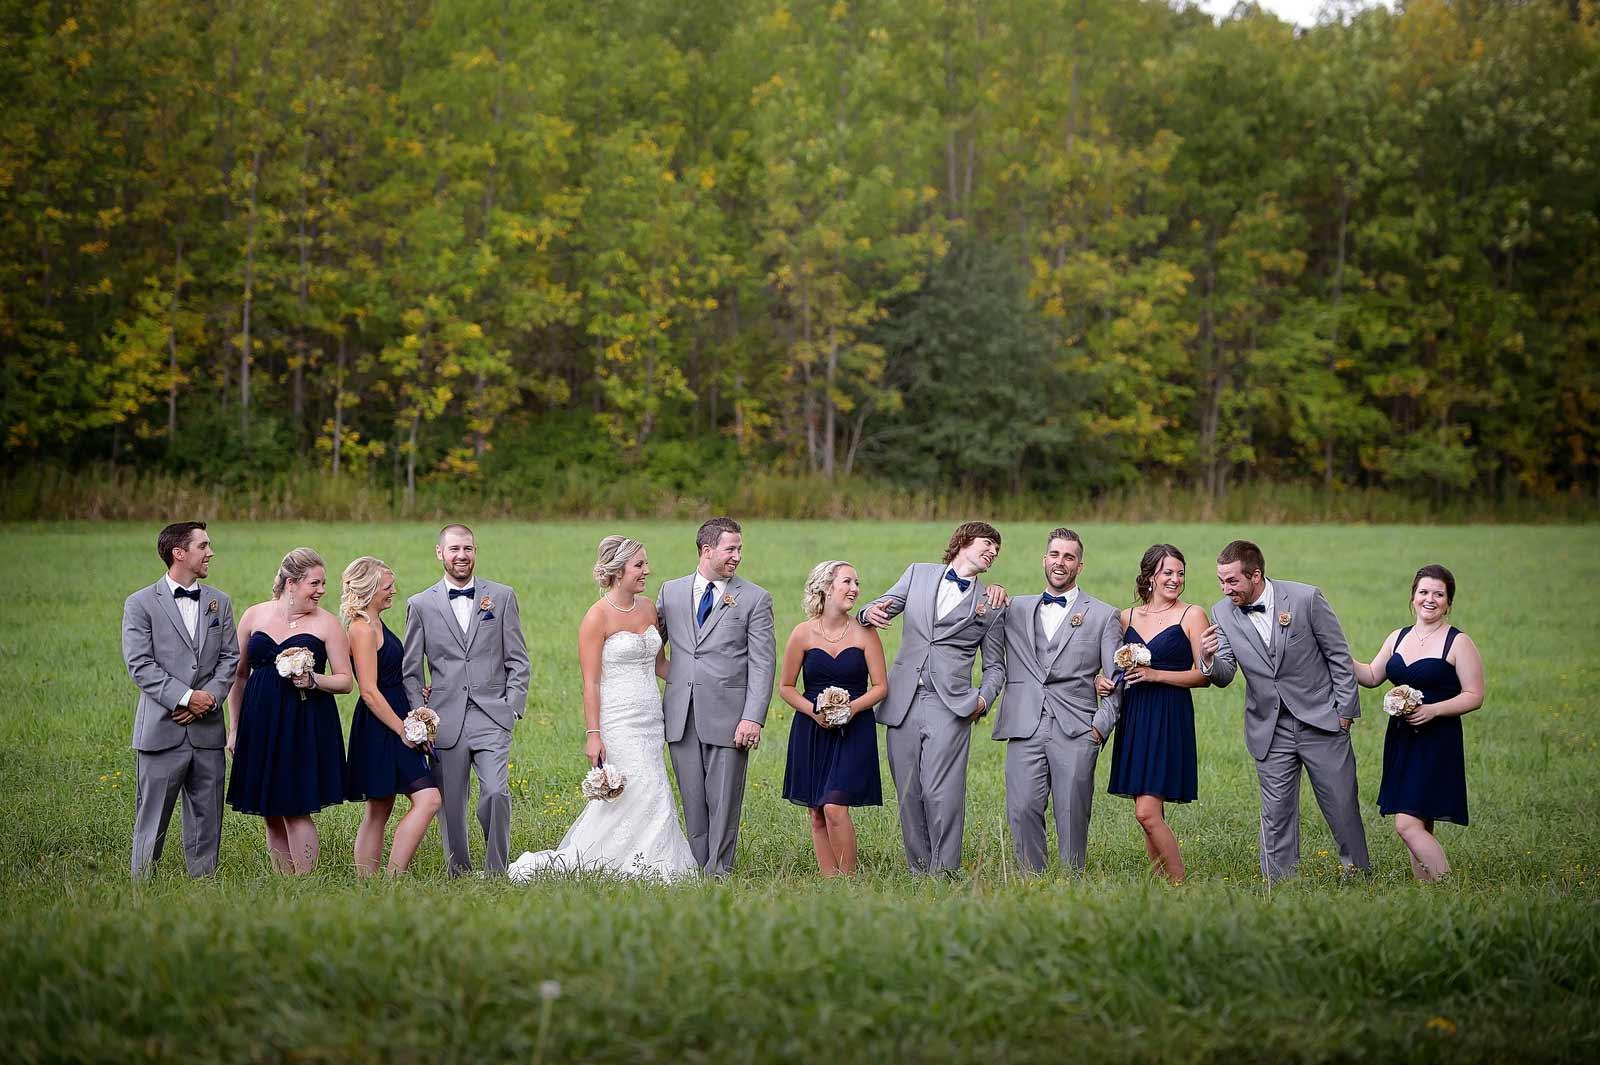 kristychris-wedding-sneakpeek-04